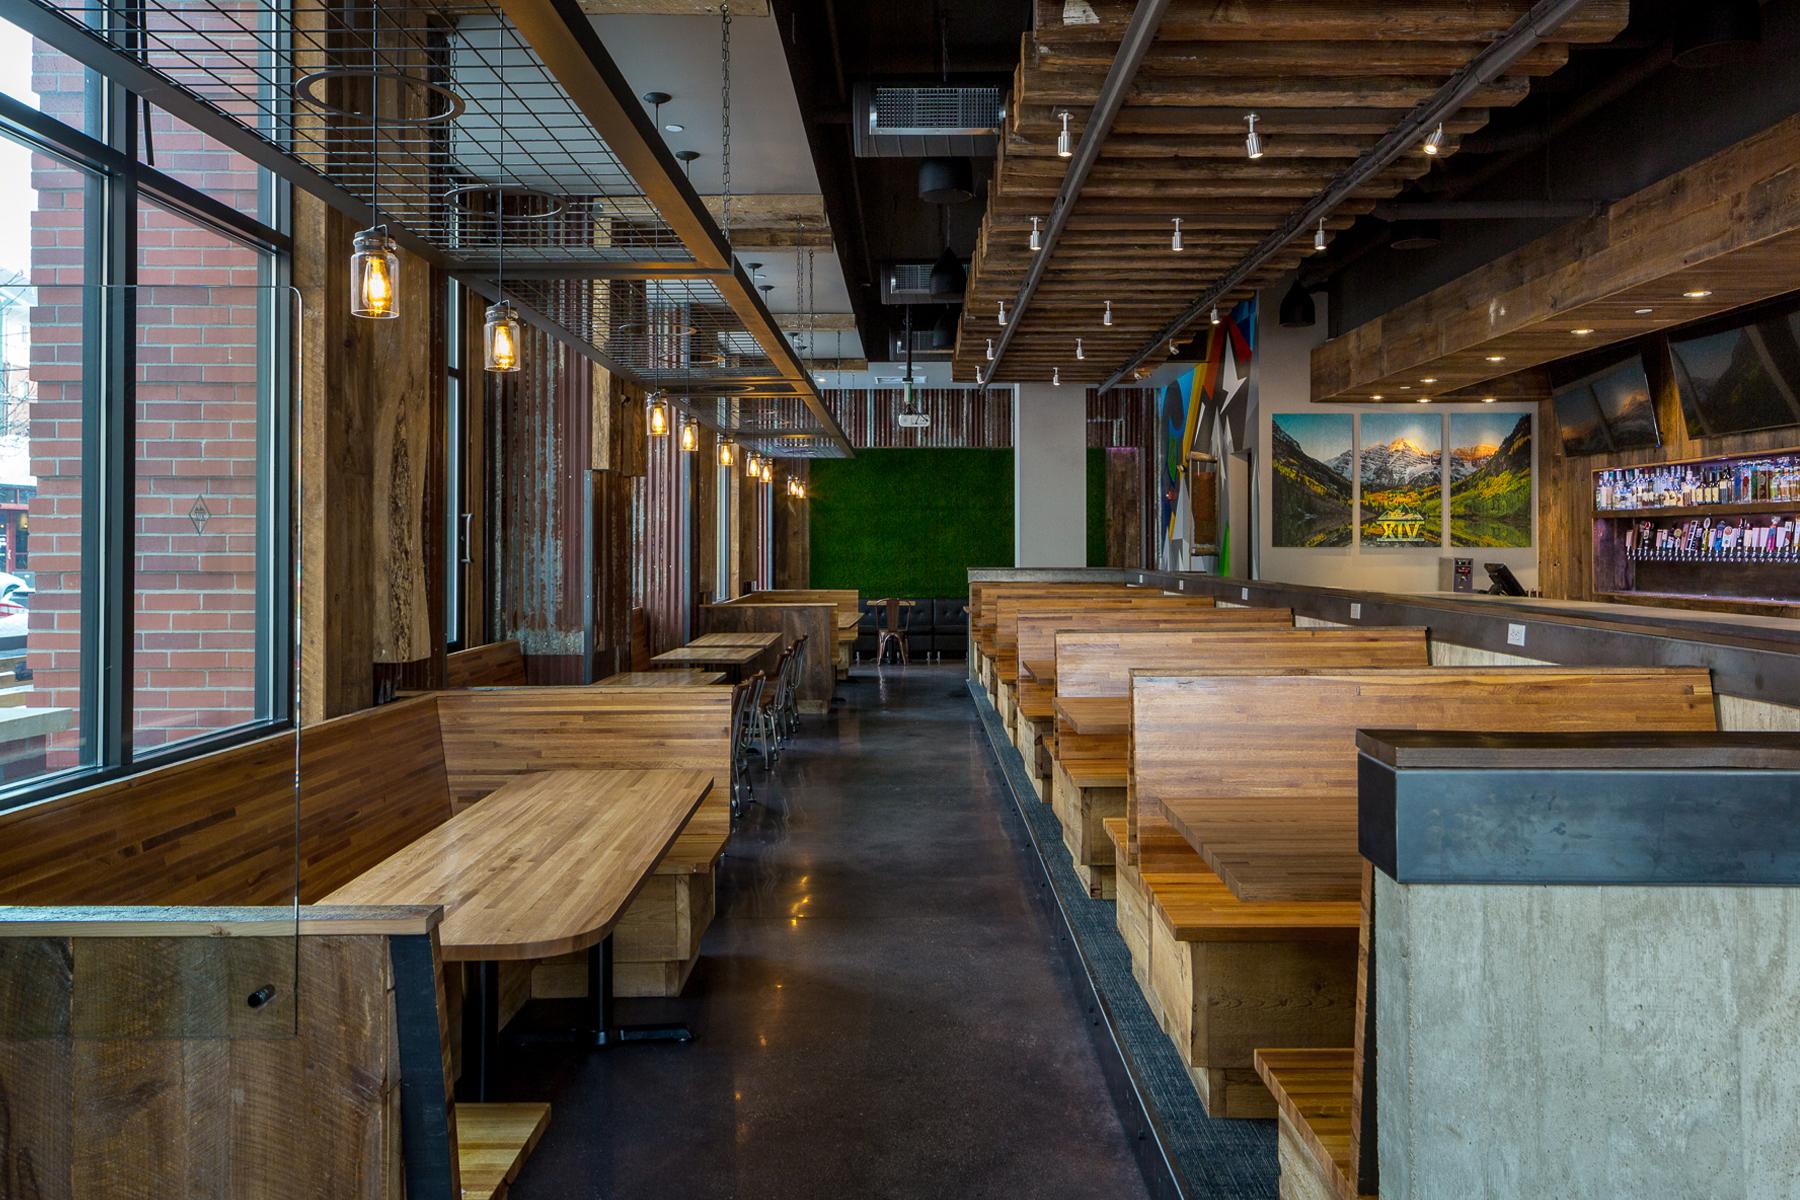 Restaurant Construction, Denver, Colorado